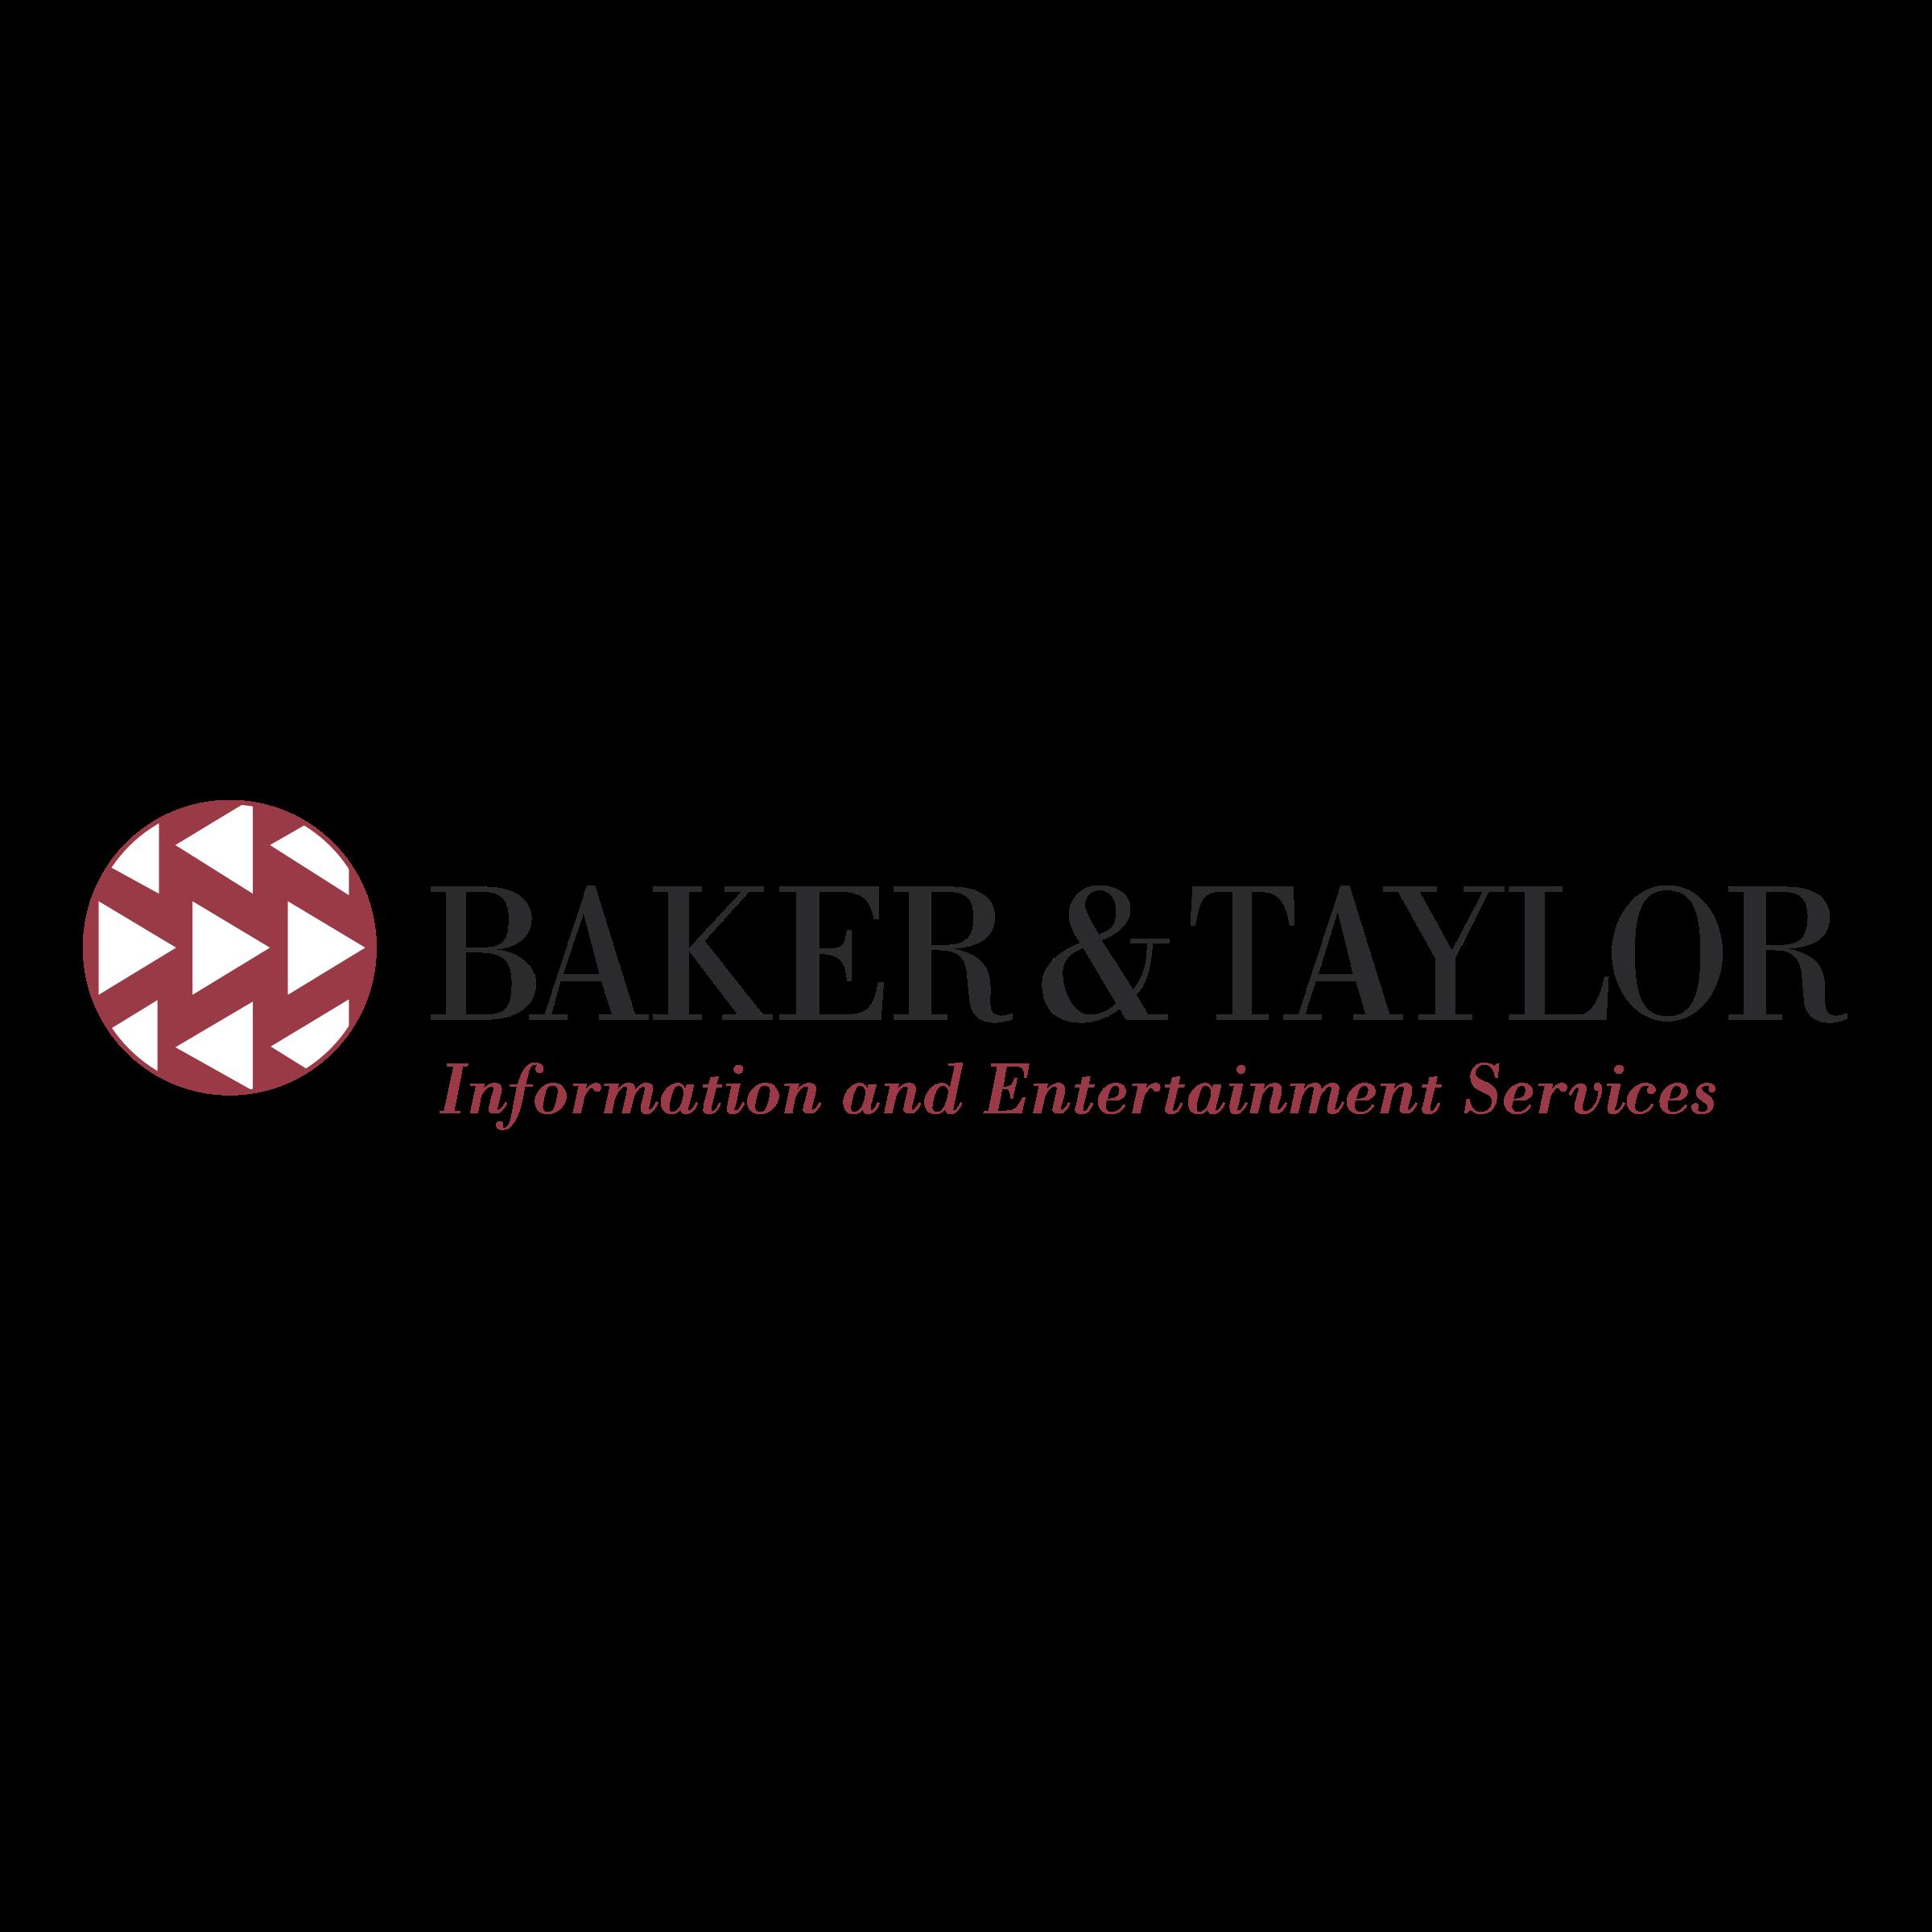 Baker & Taylor Logo PNG Transparent & SVG Vector.